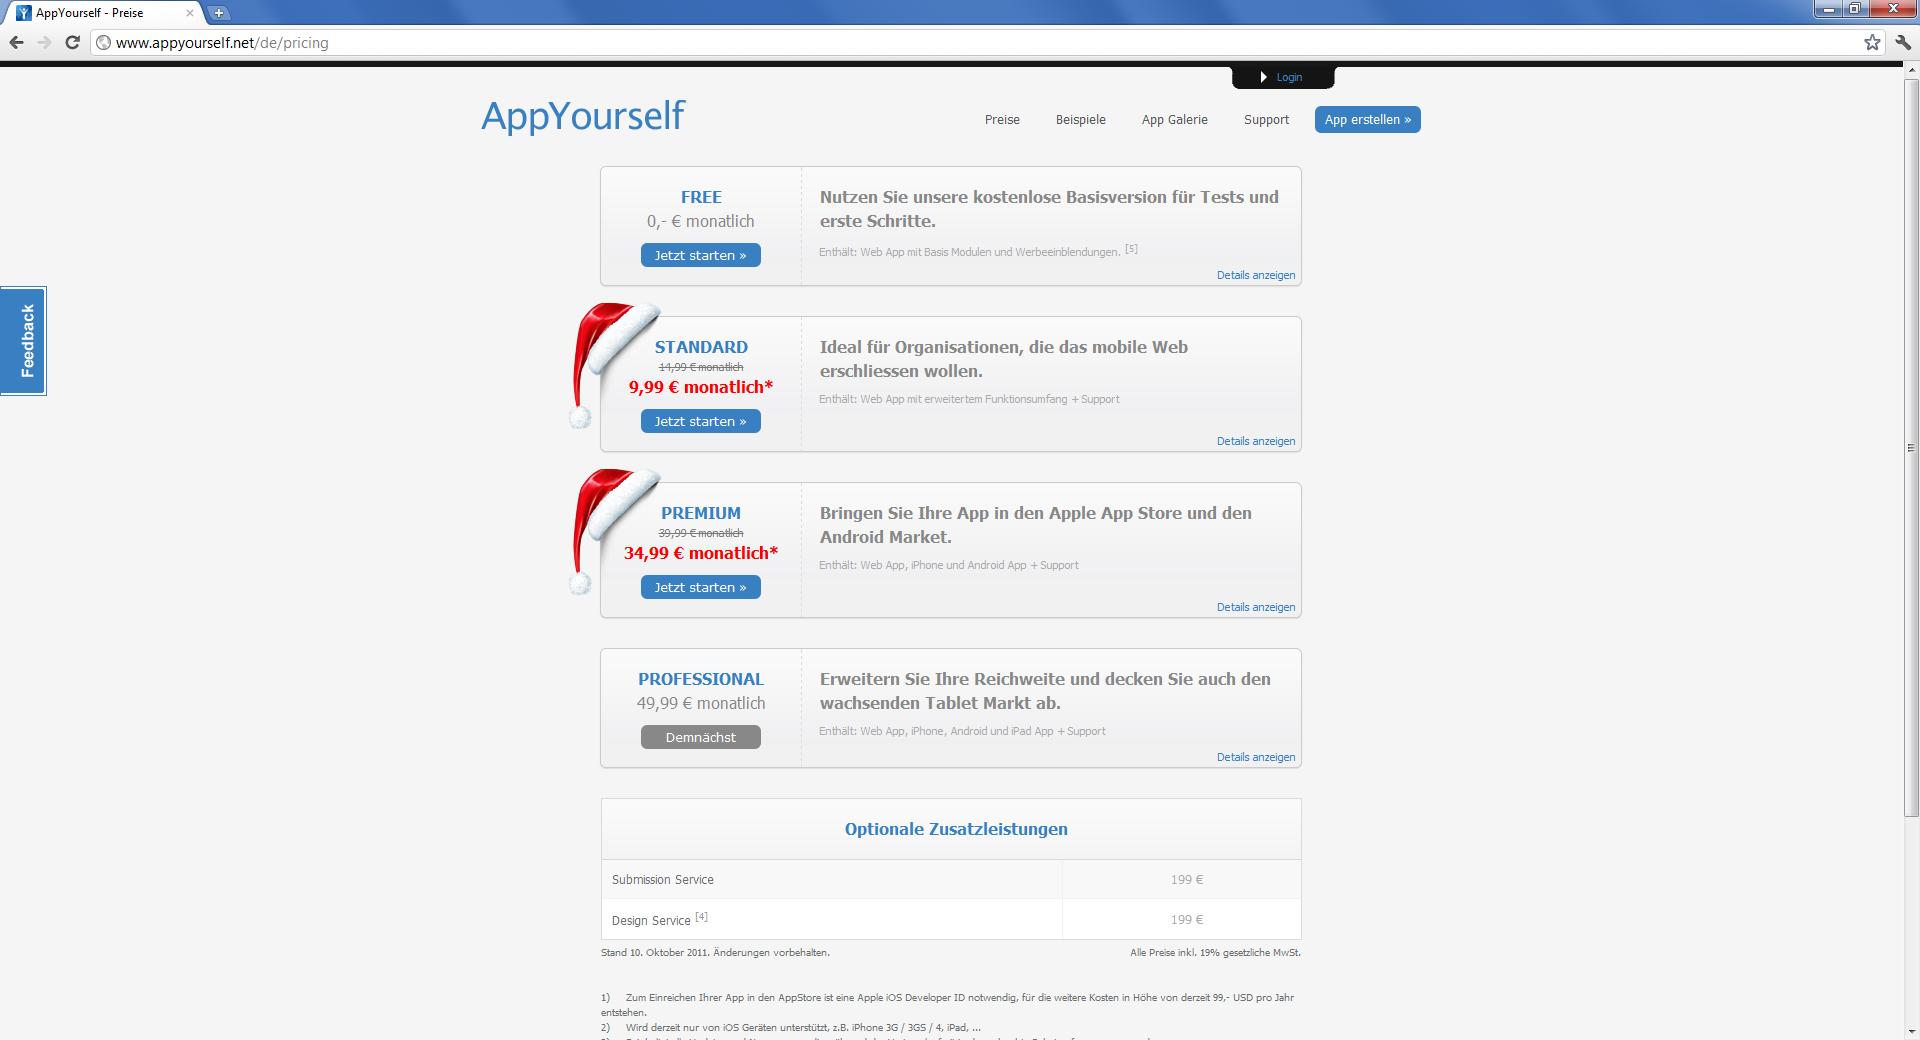 01-app-programmieren-mit-app-yourself-preise-470.png?nocache=1324462178001